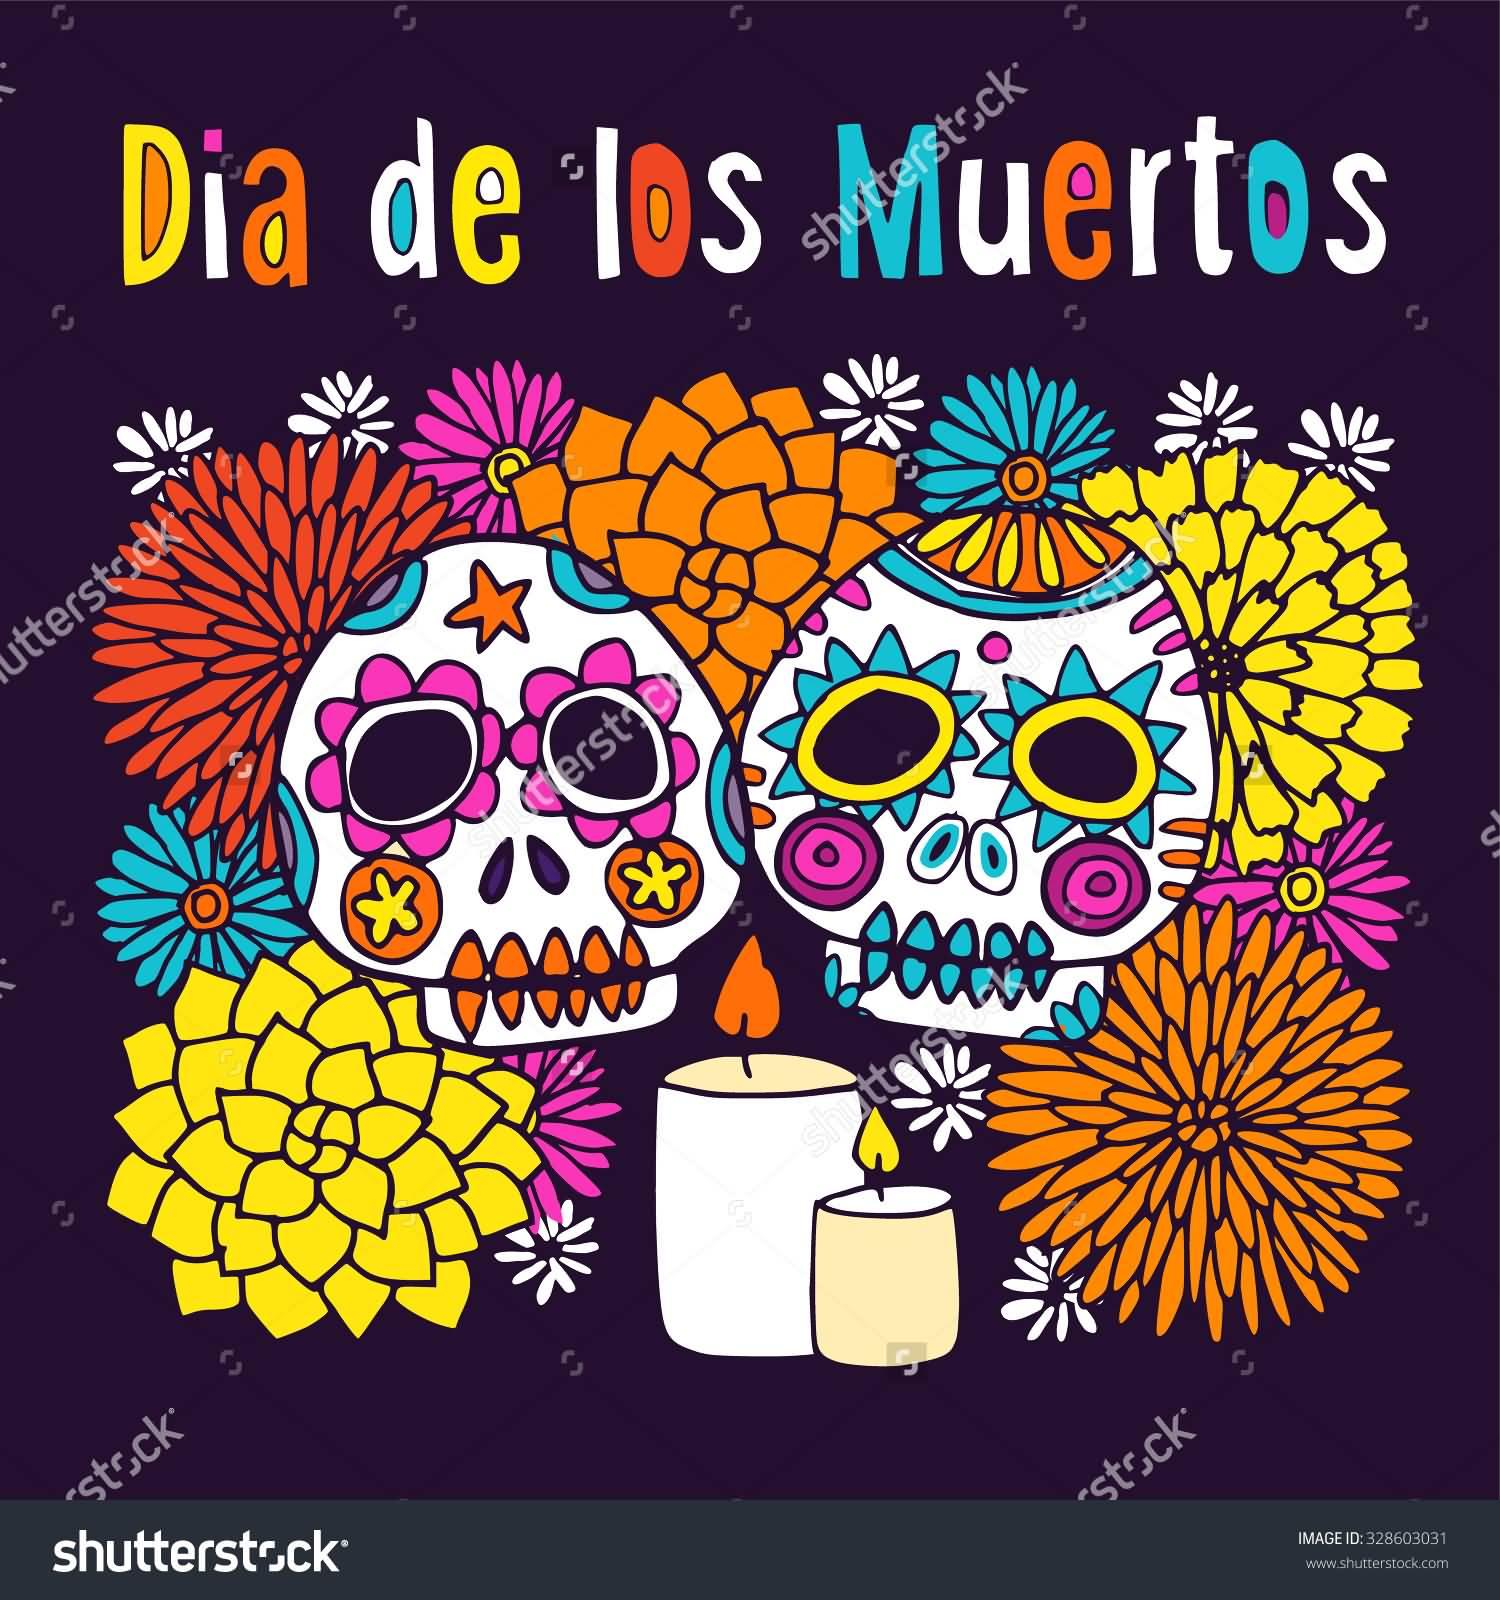 Ssckull clipart dia de los muertos skull Clipart Sugar Colorful Skulls